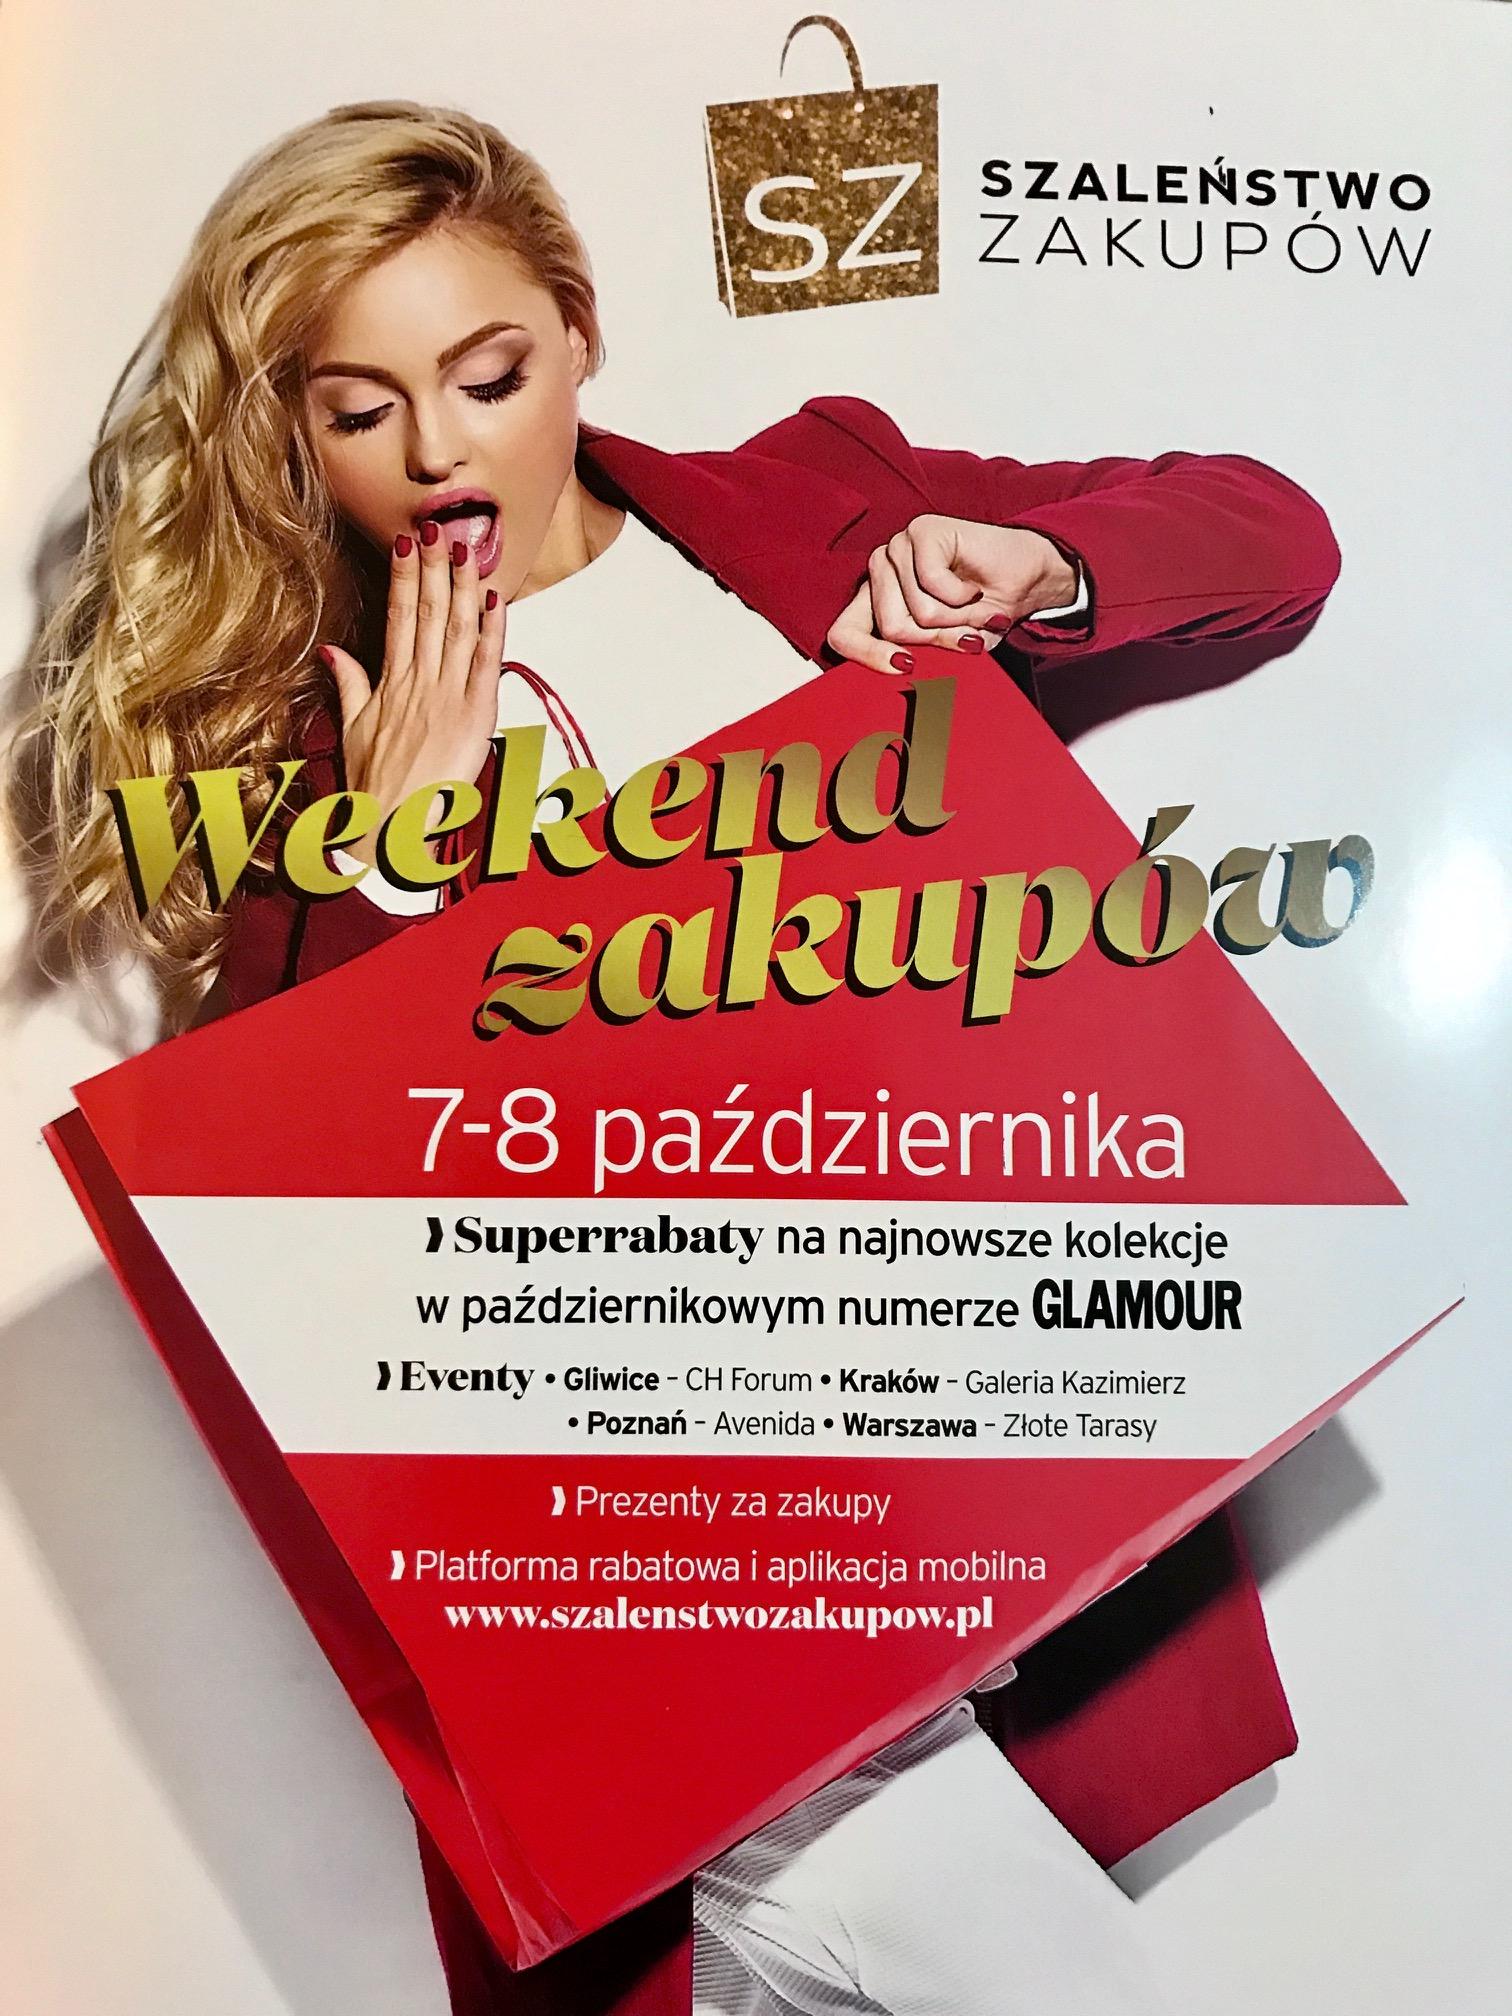 Smyk Weekend Zniżek z magazynami Glamour, Elle oraz InStyle - Szaleństwo Zakupów w całej Polsce 7-8 października 2017